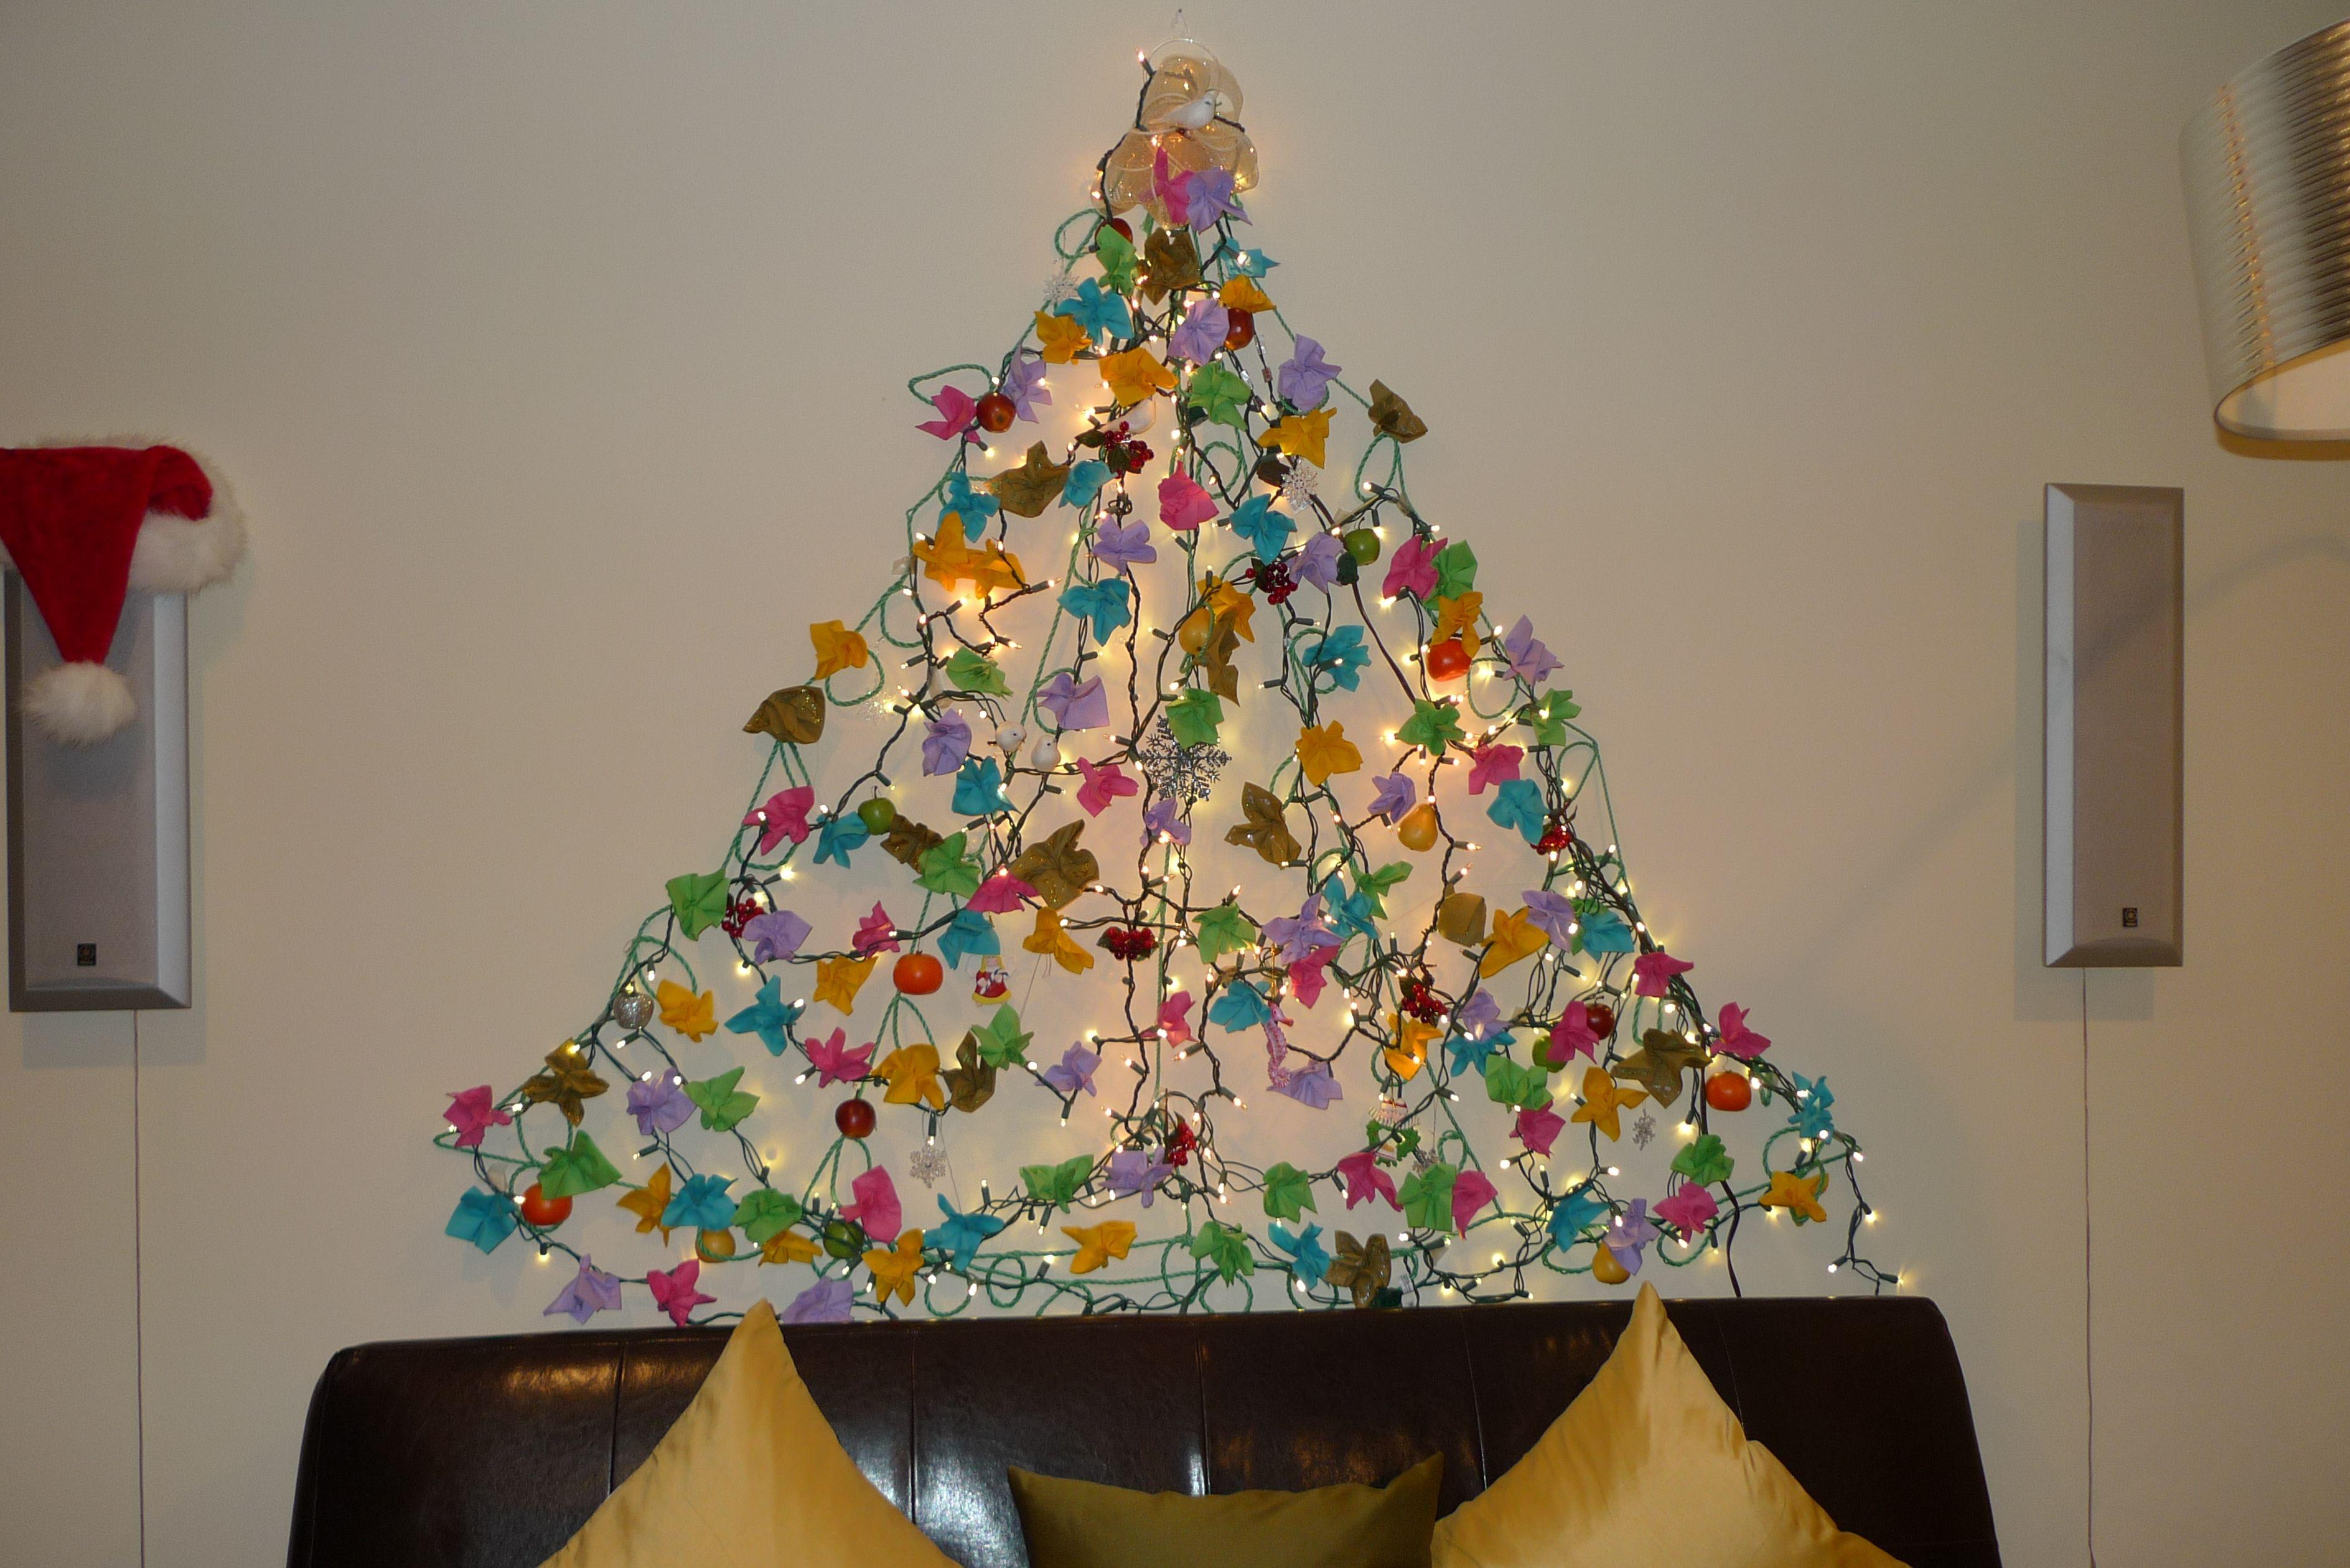 Christmas Wall Decor Pinterest : Like image